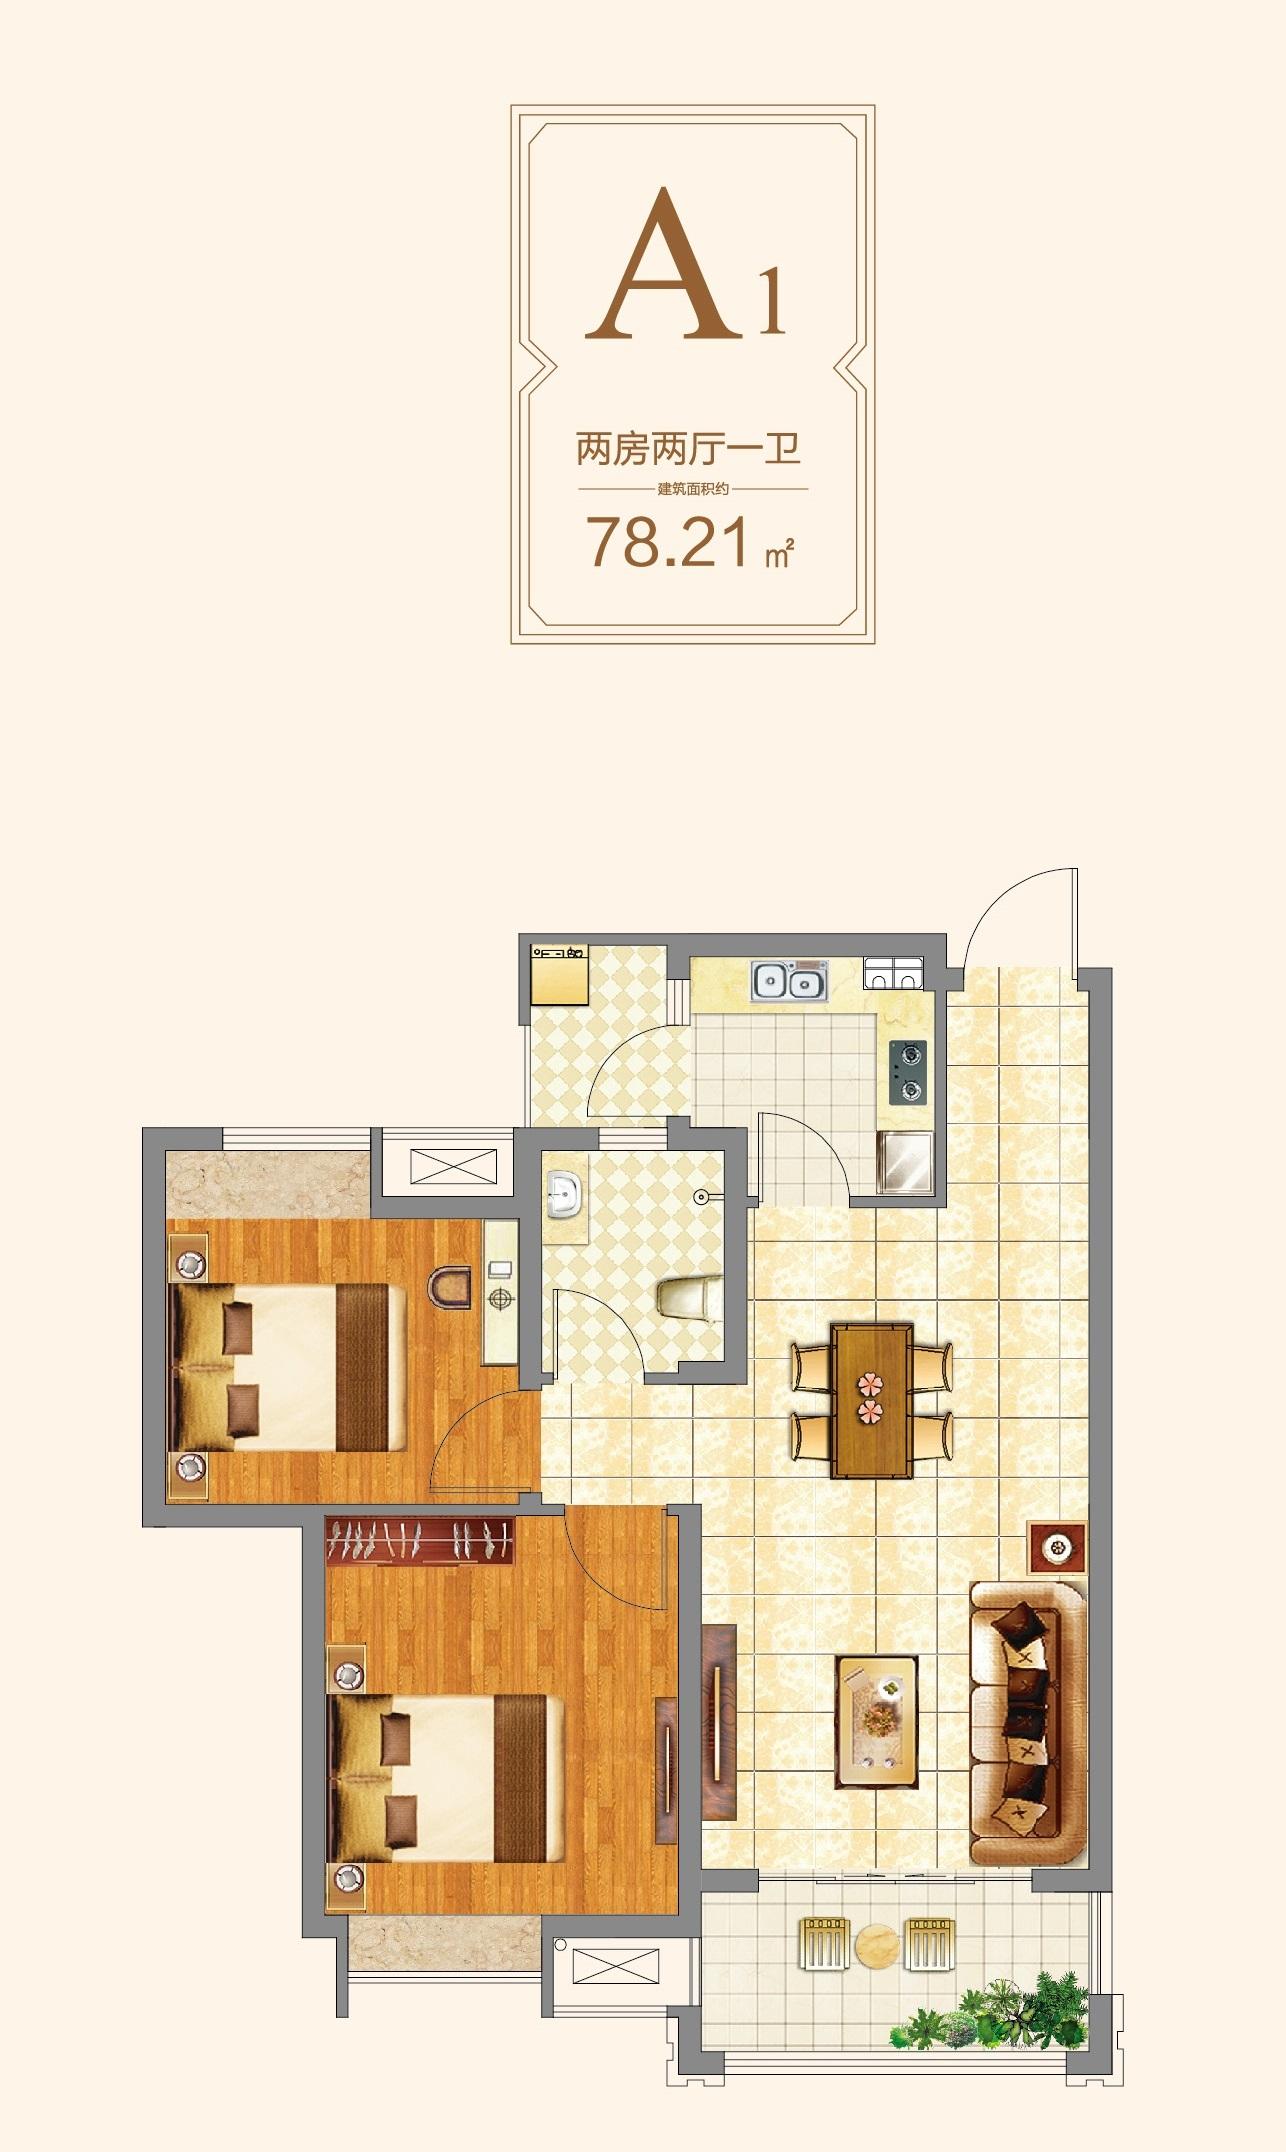 信德悦城A1户型图-78.21